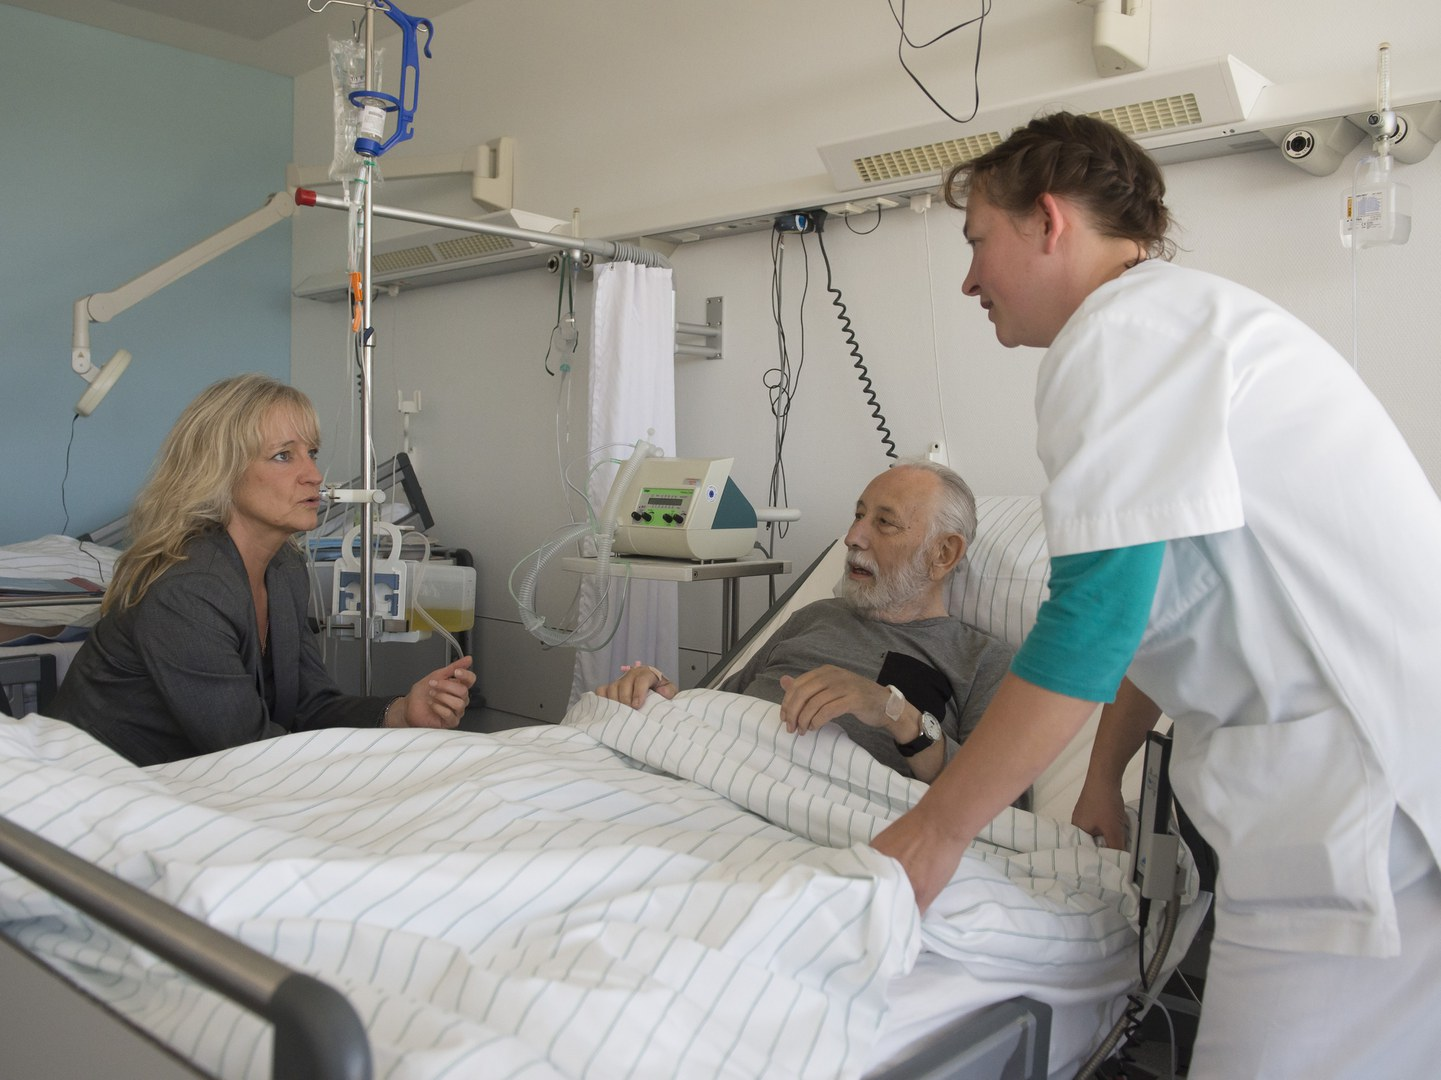 Pflegekurs am Krankenbett: